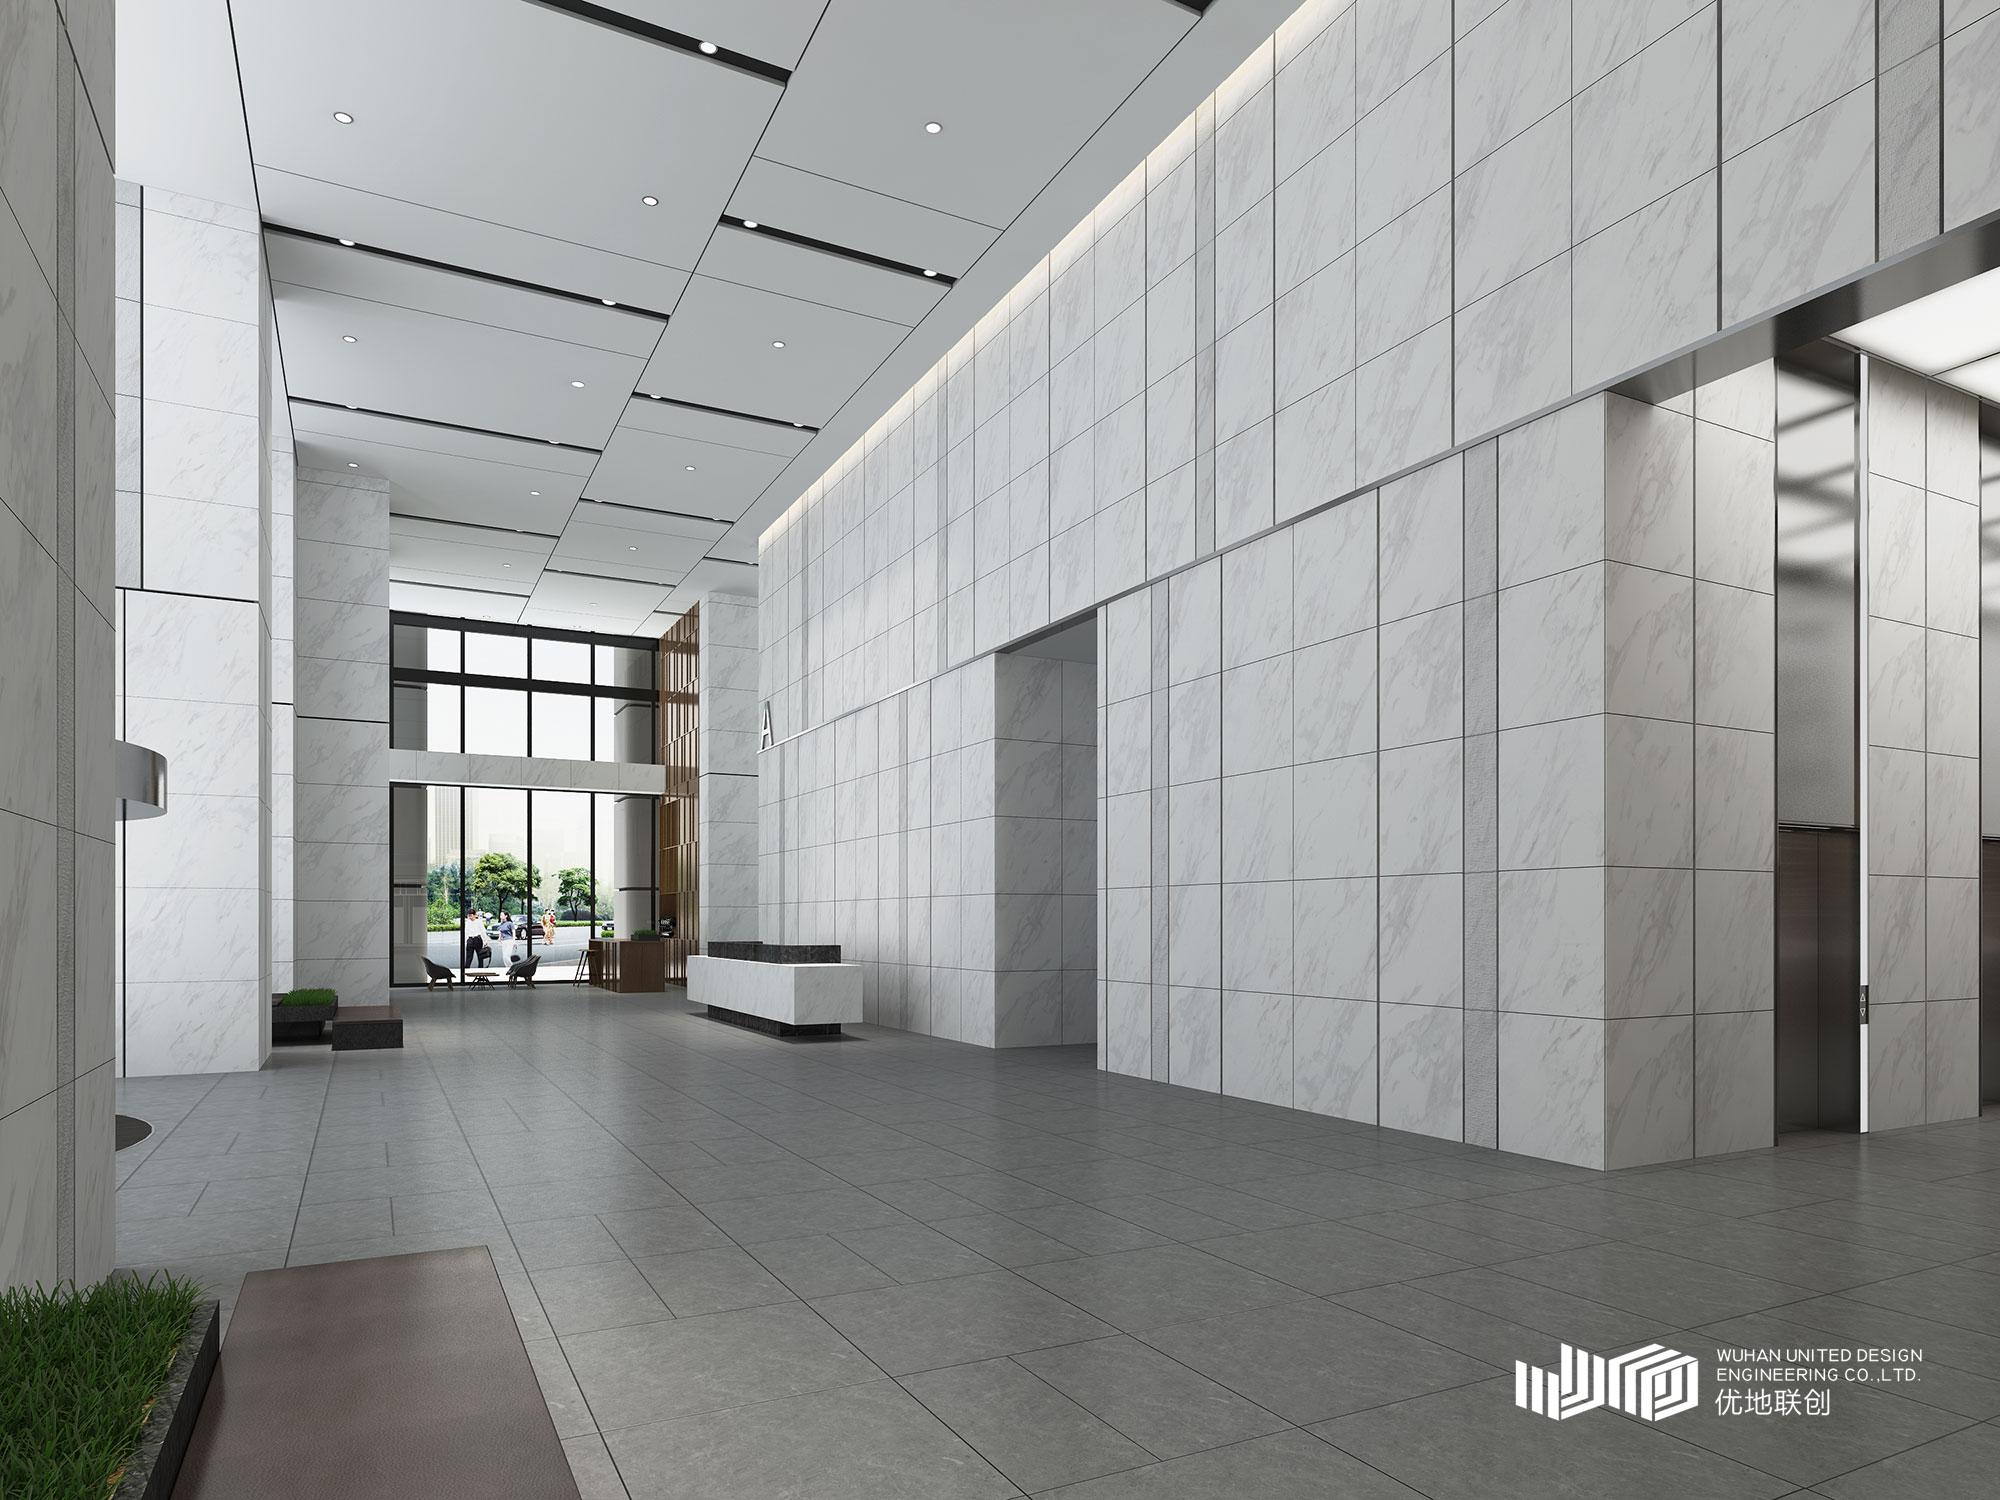 精装修|精品室内设计|精品商业空间